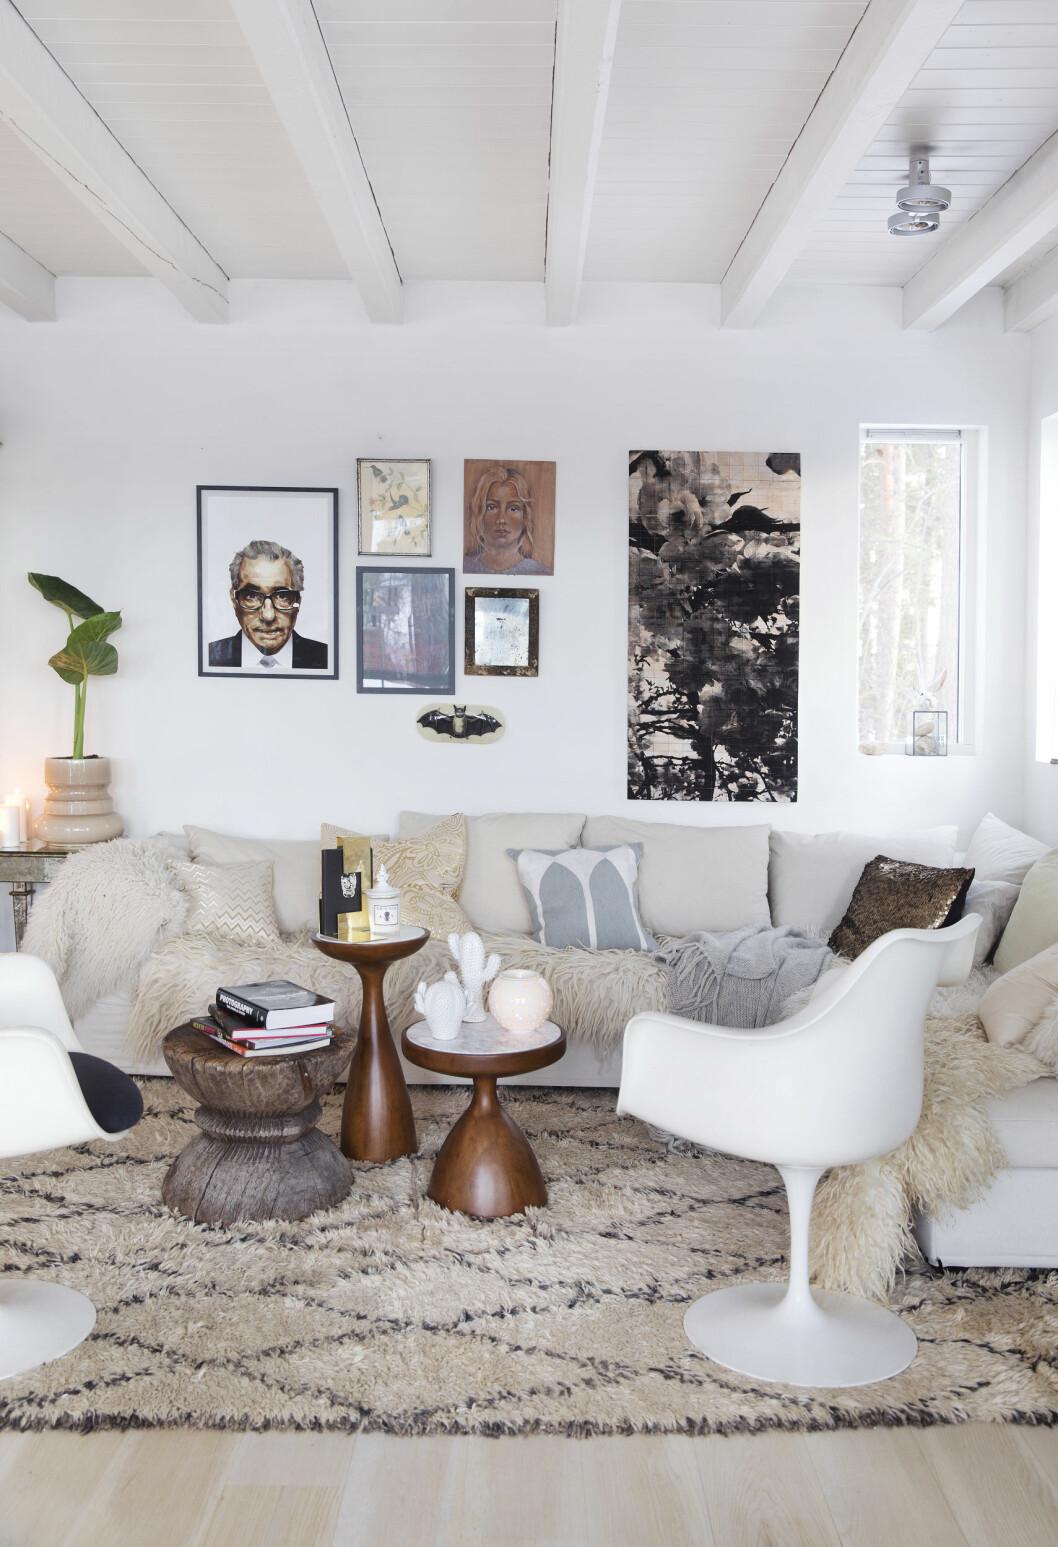 NORDISK OG UNIK: - Jeg kan ikke leve uten planter og en organisk følelse i rommet, sier interiørstylist Tone Kroken. Foto: All Over Press Norway